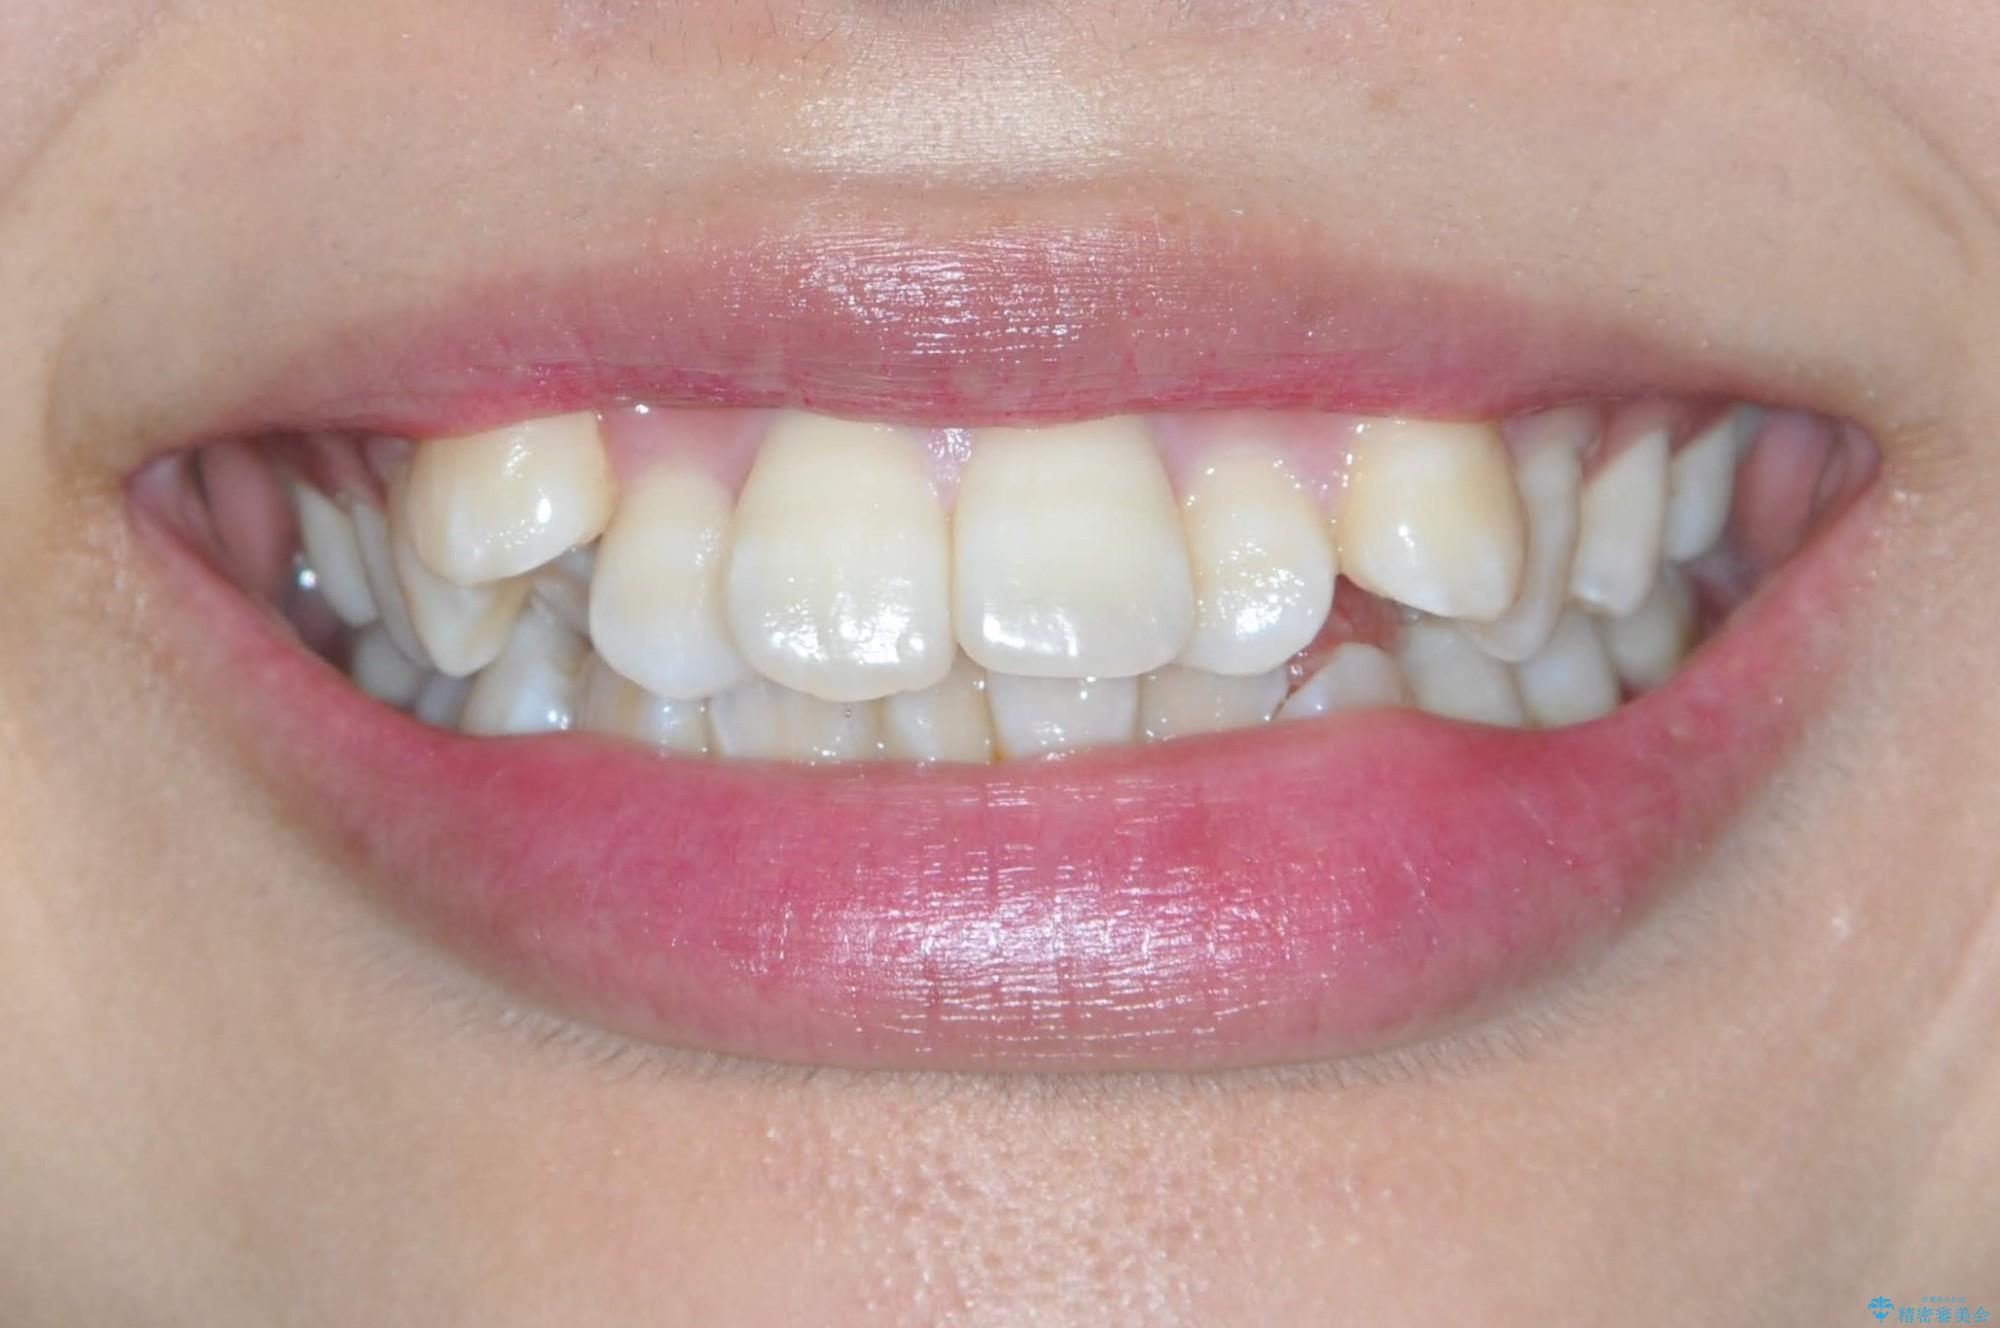 王道・従来のワイヤー矯正 表の装置で手早くきれいな歯並びをの治療前(顔貌)